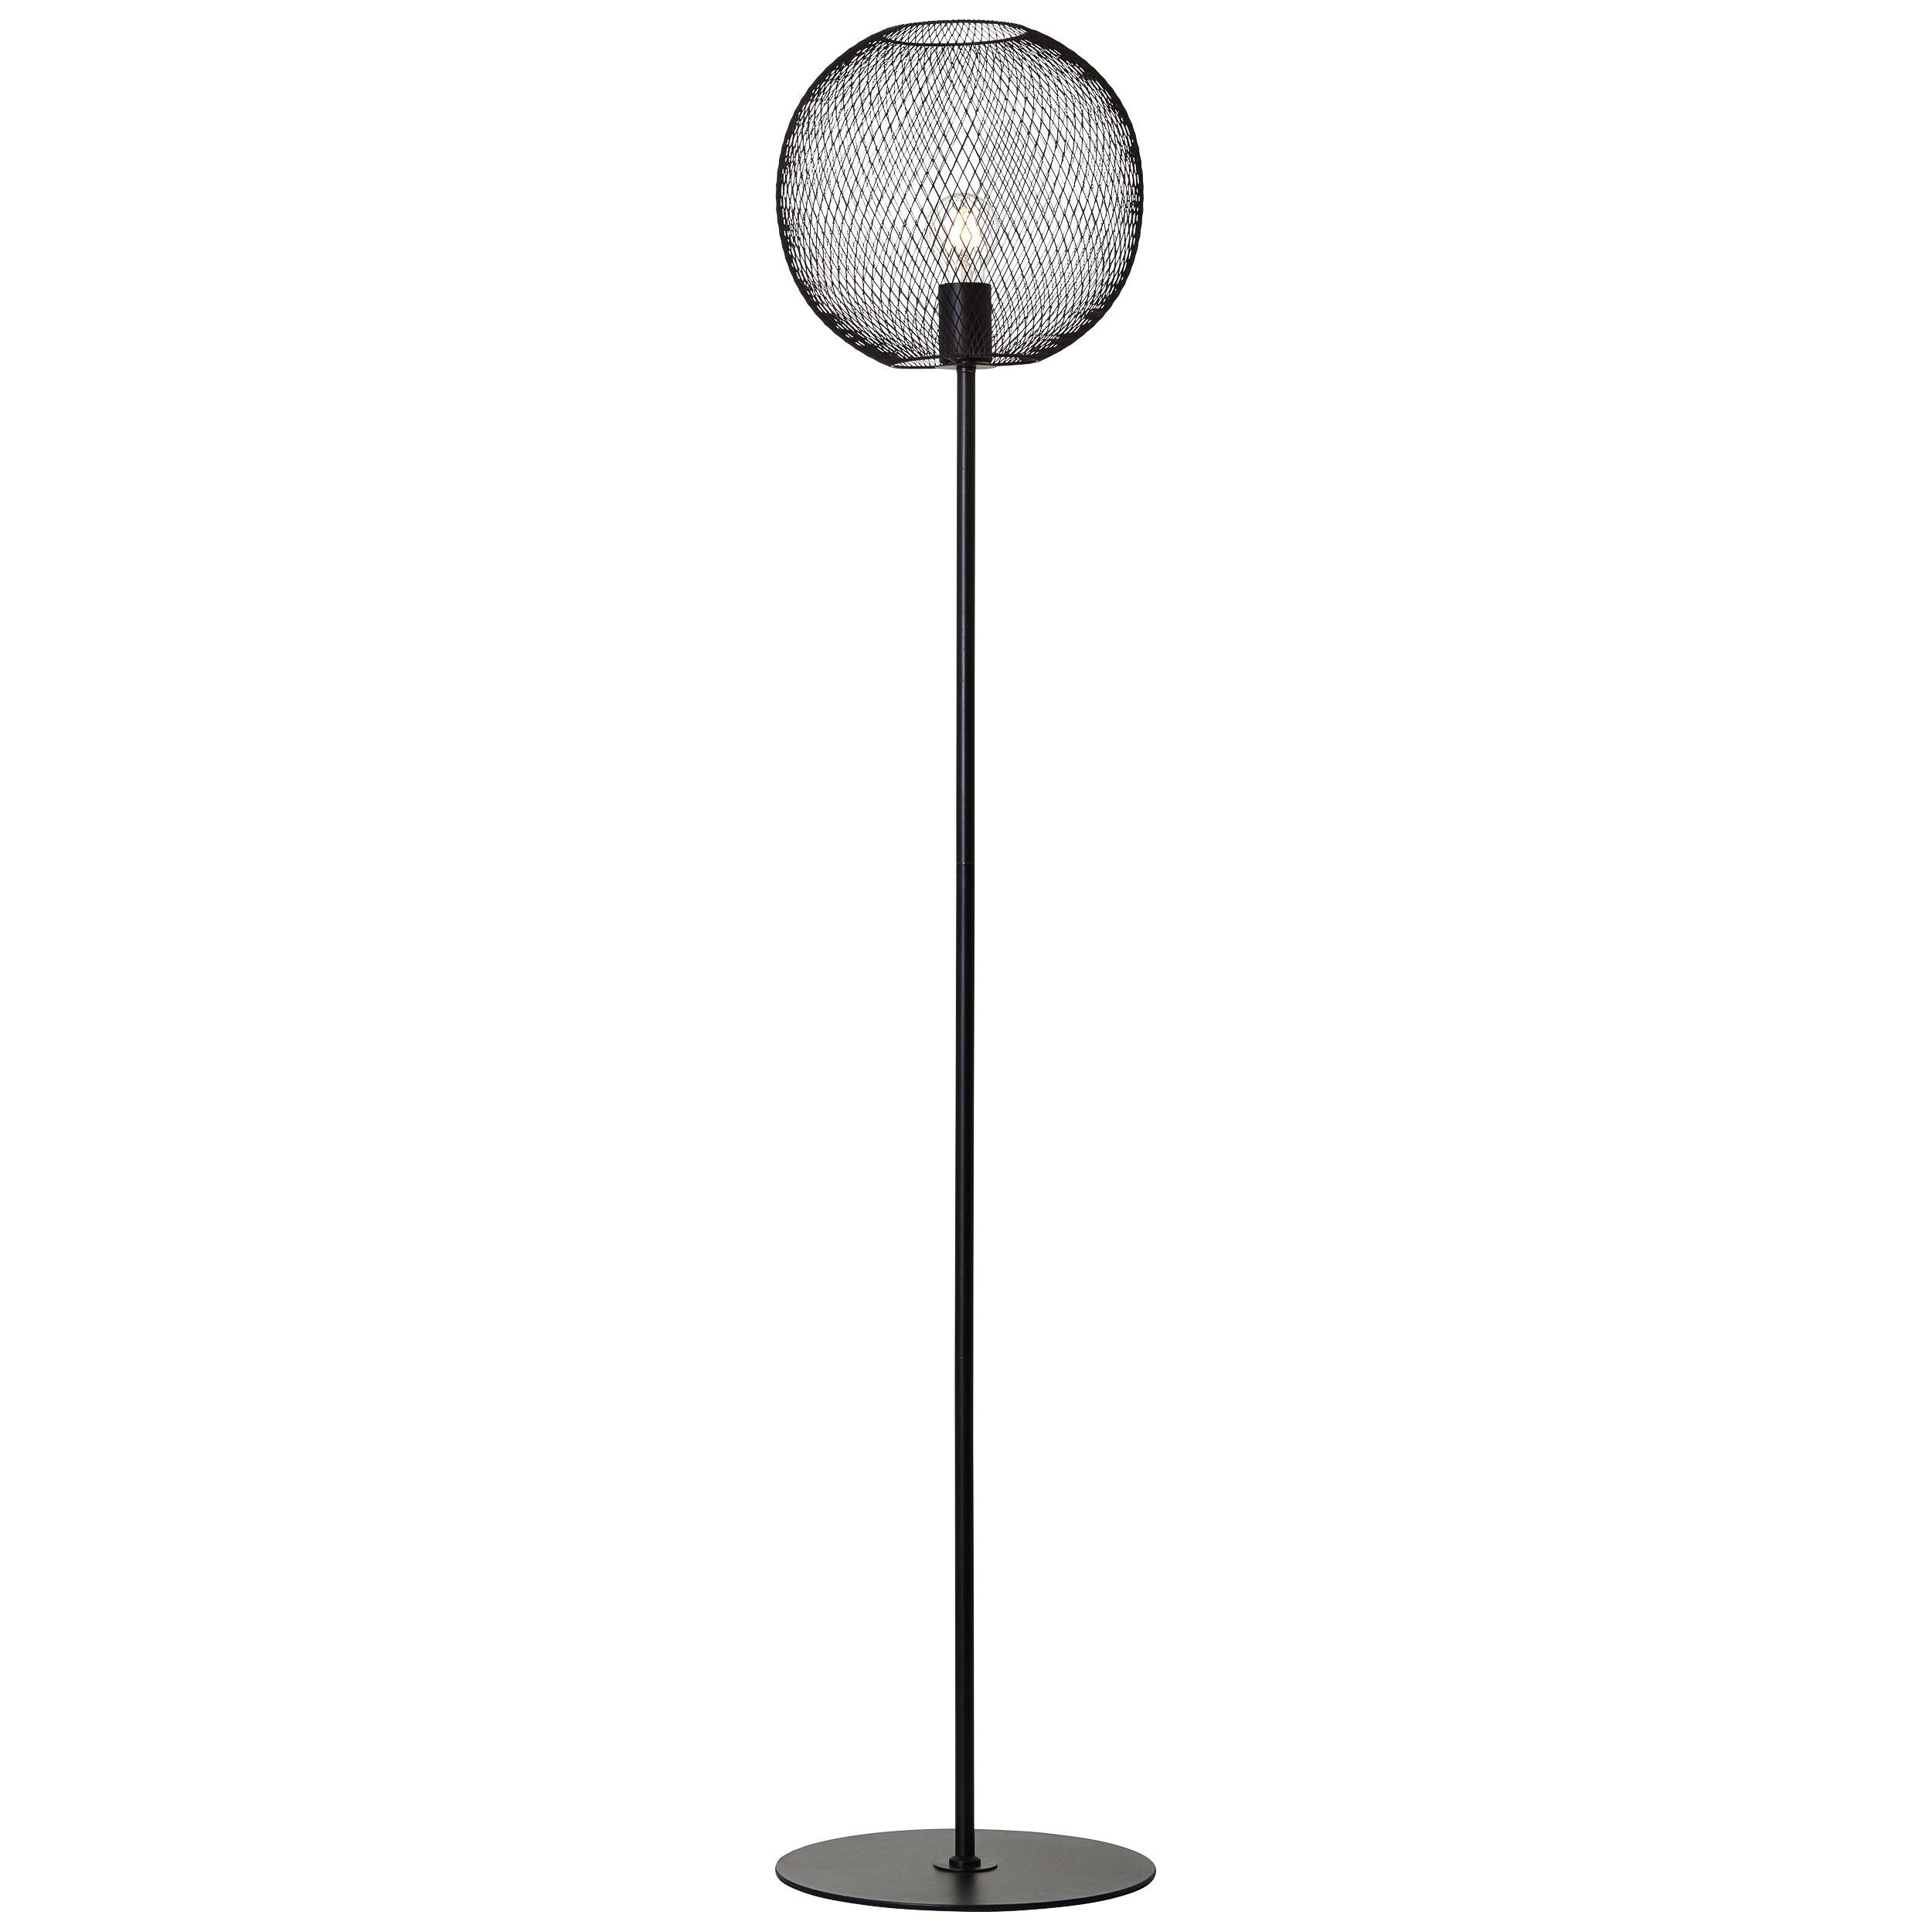 Brilliant Leuchten Stehlampe Soco, E27, 1 St., 1flg schwarz BRILLIANT Stehleuchten